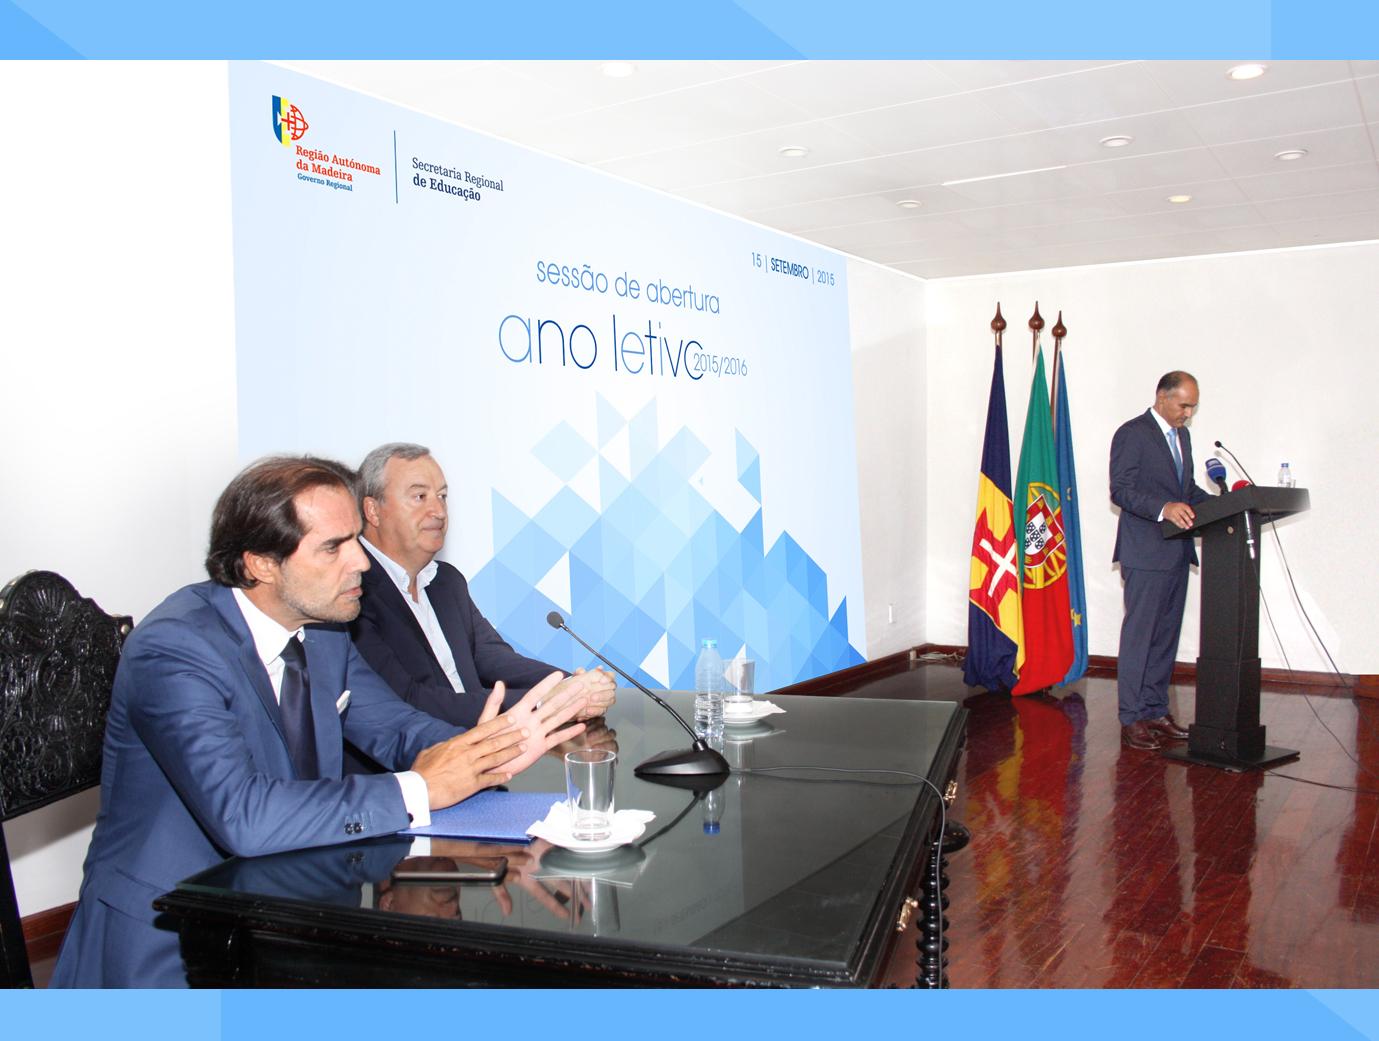 Sessão de Abertura do Ano Letivo 2015-2016